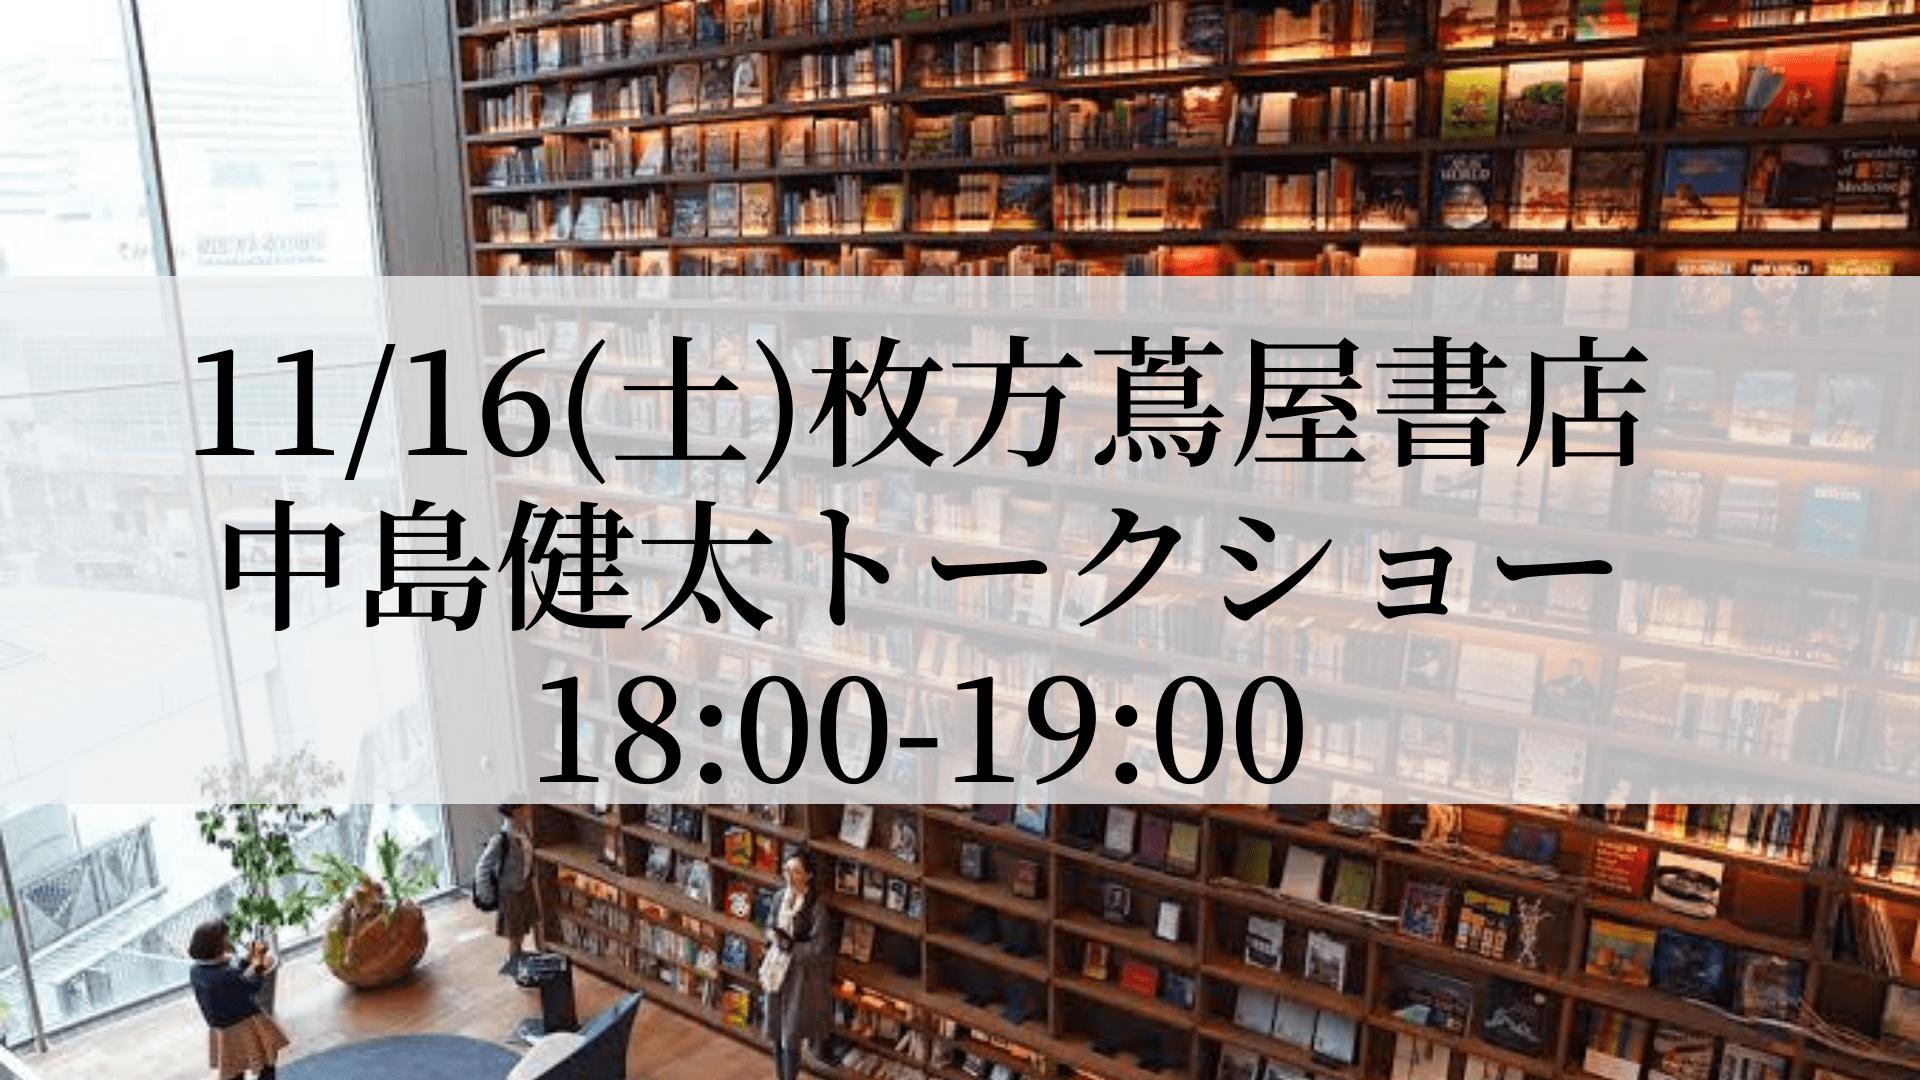 【枚方蔦屋書店】~画家として生きるために~ 中島健太トークショー&サイン会